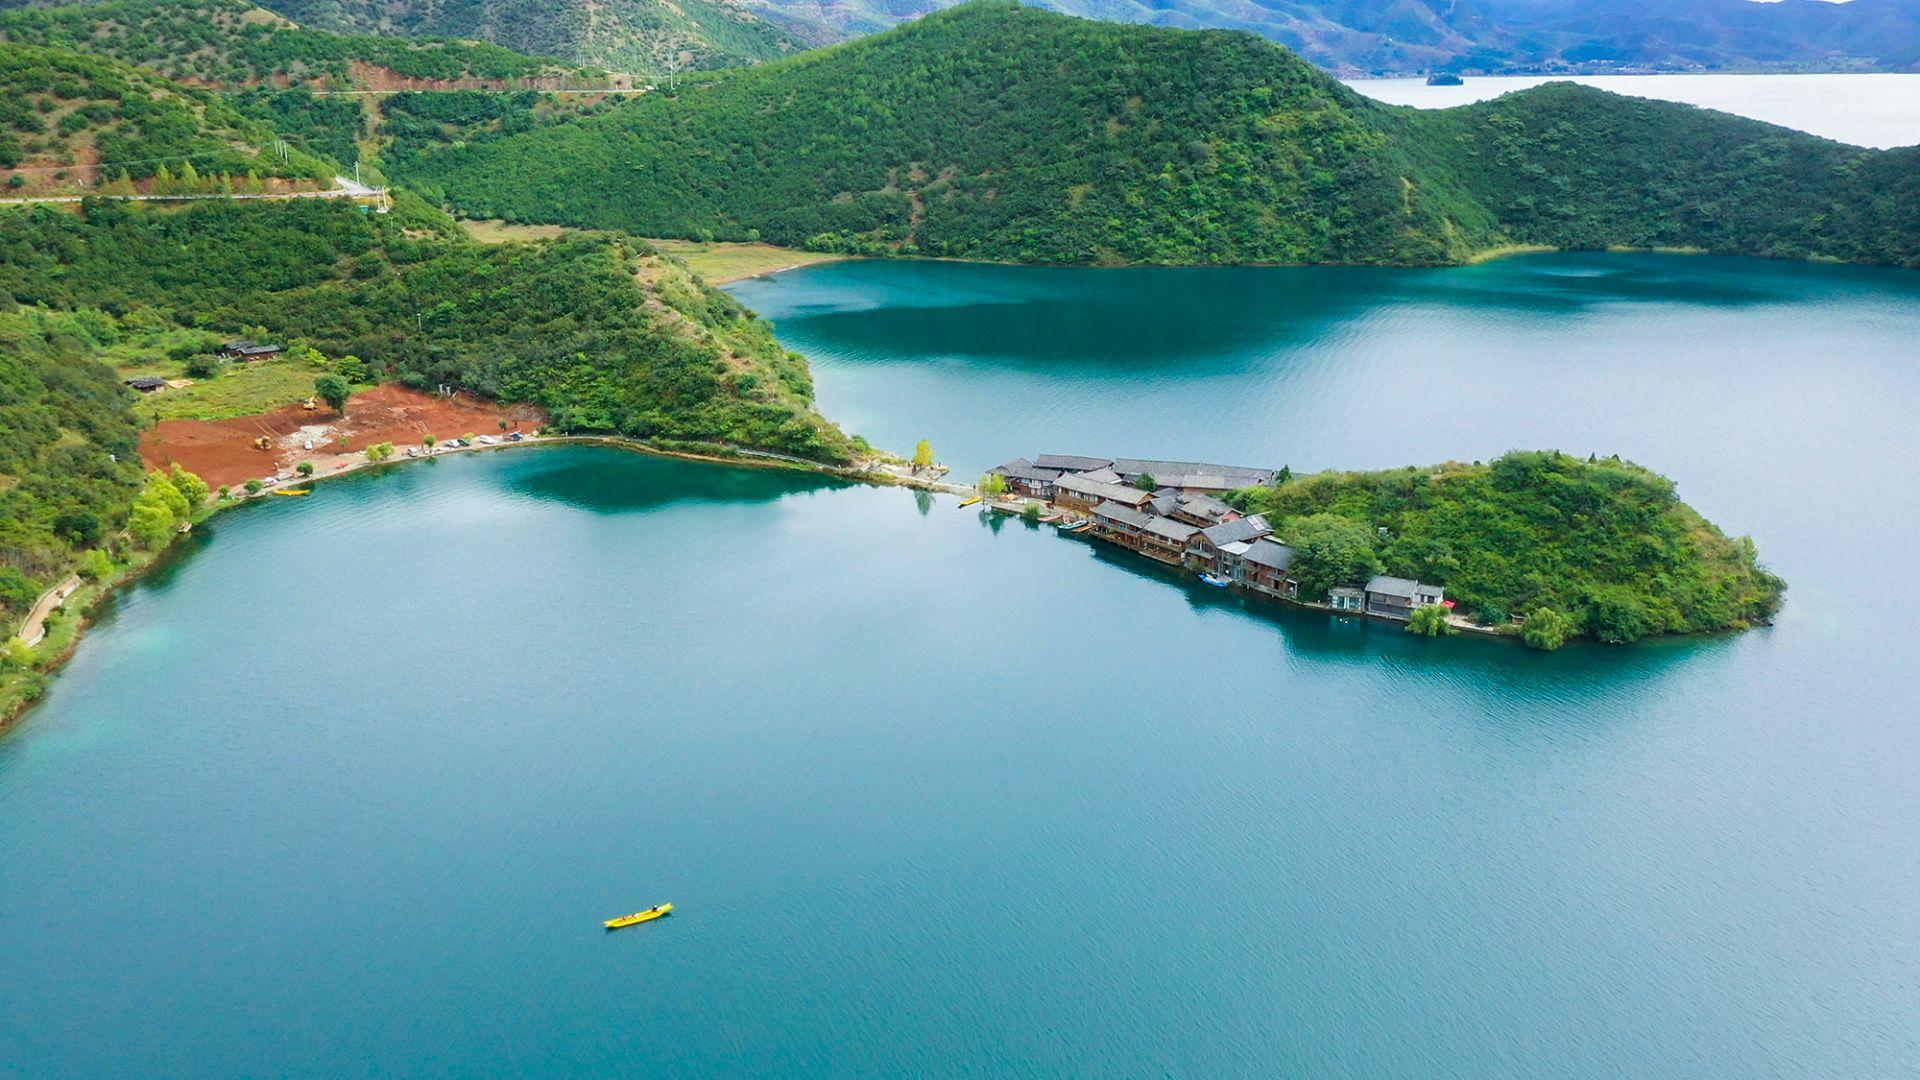 图集 | 秀美泸沽湖